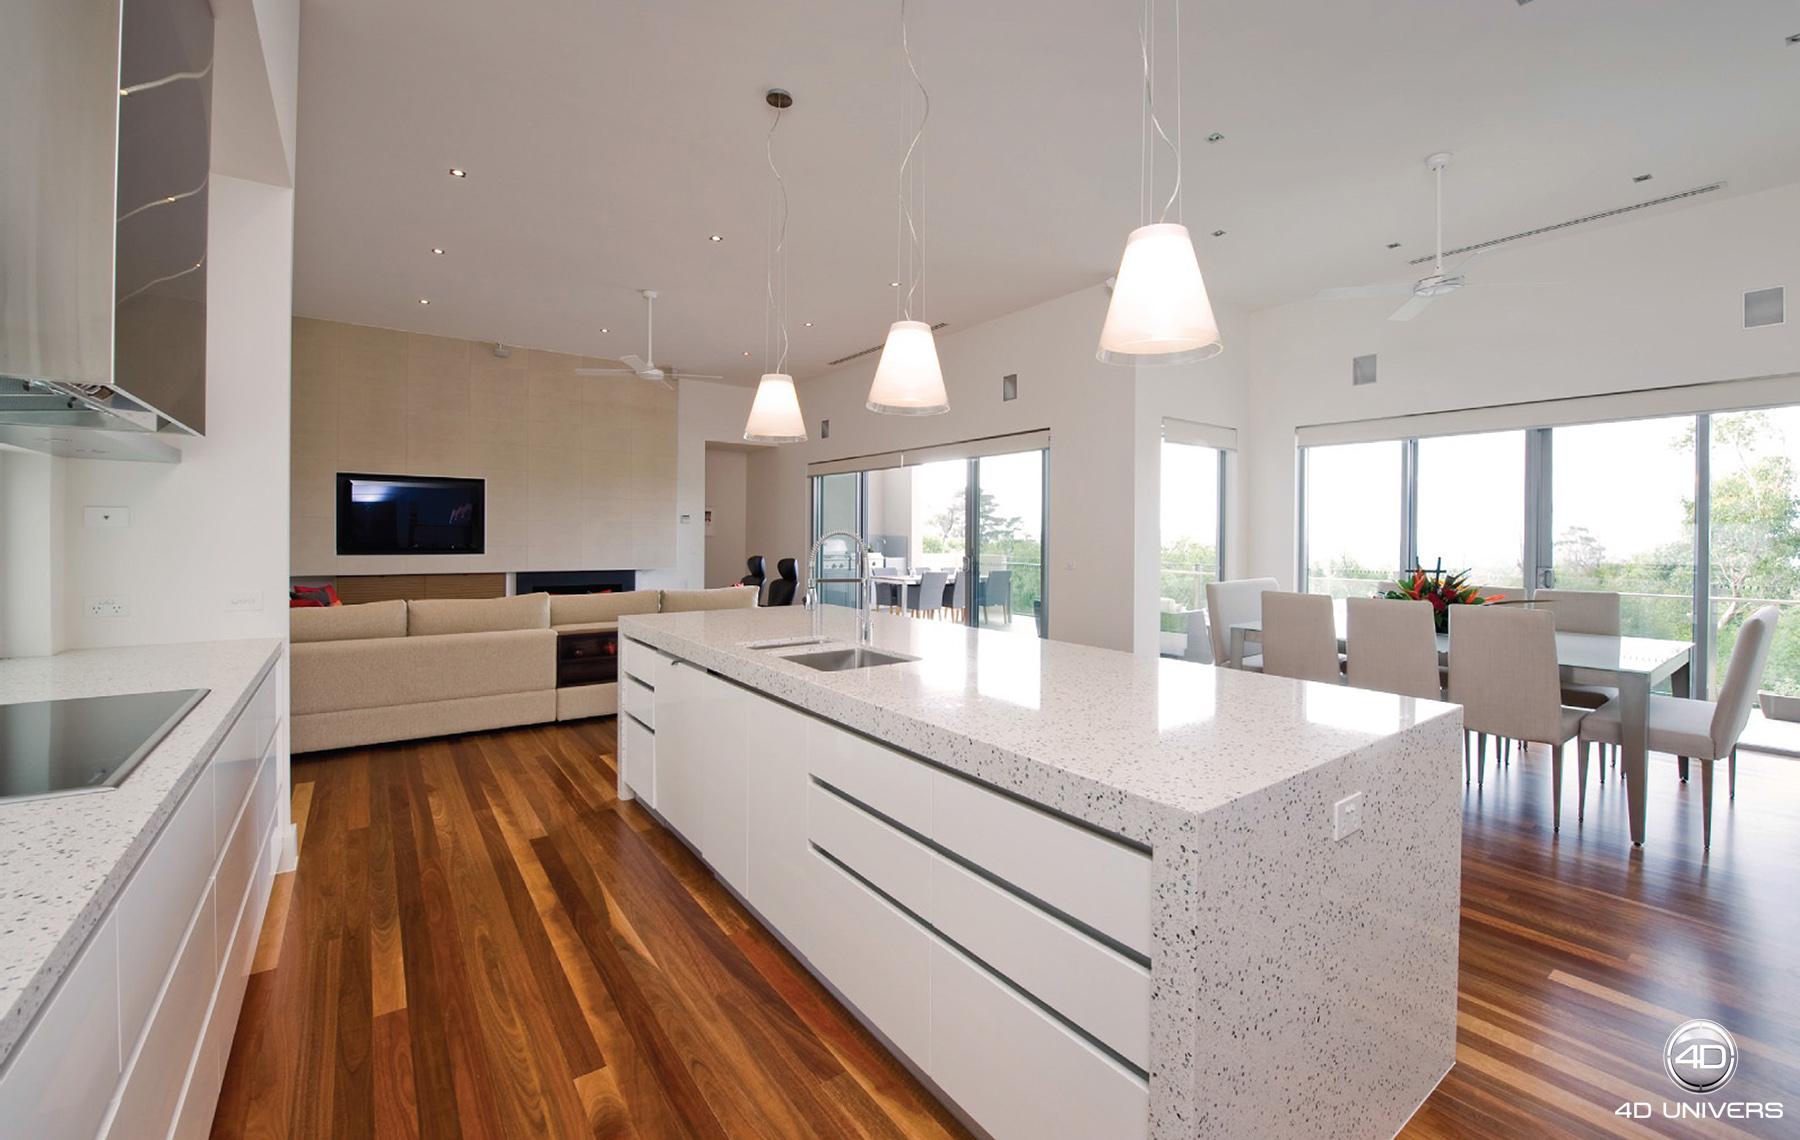 Architecte Interieur 3D Gratuit interieur-3d-luxe-salon | 4d univers • studio animation 3d